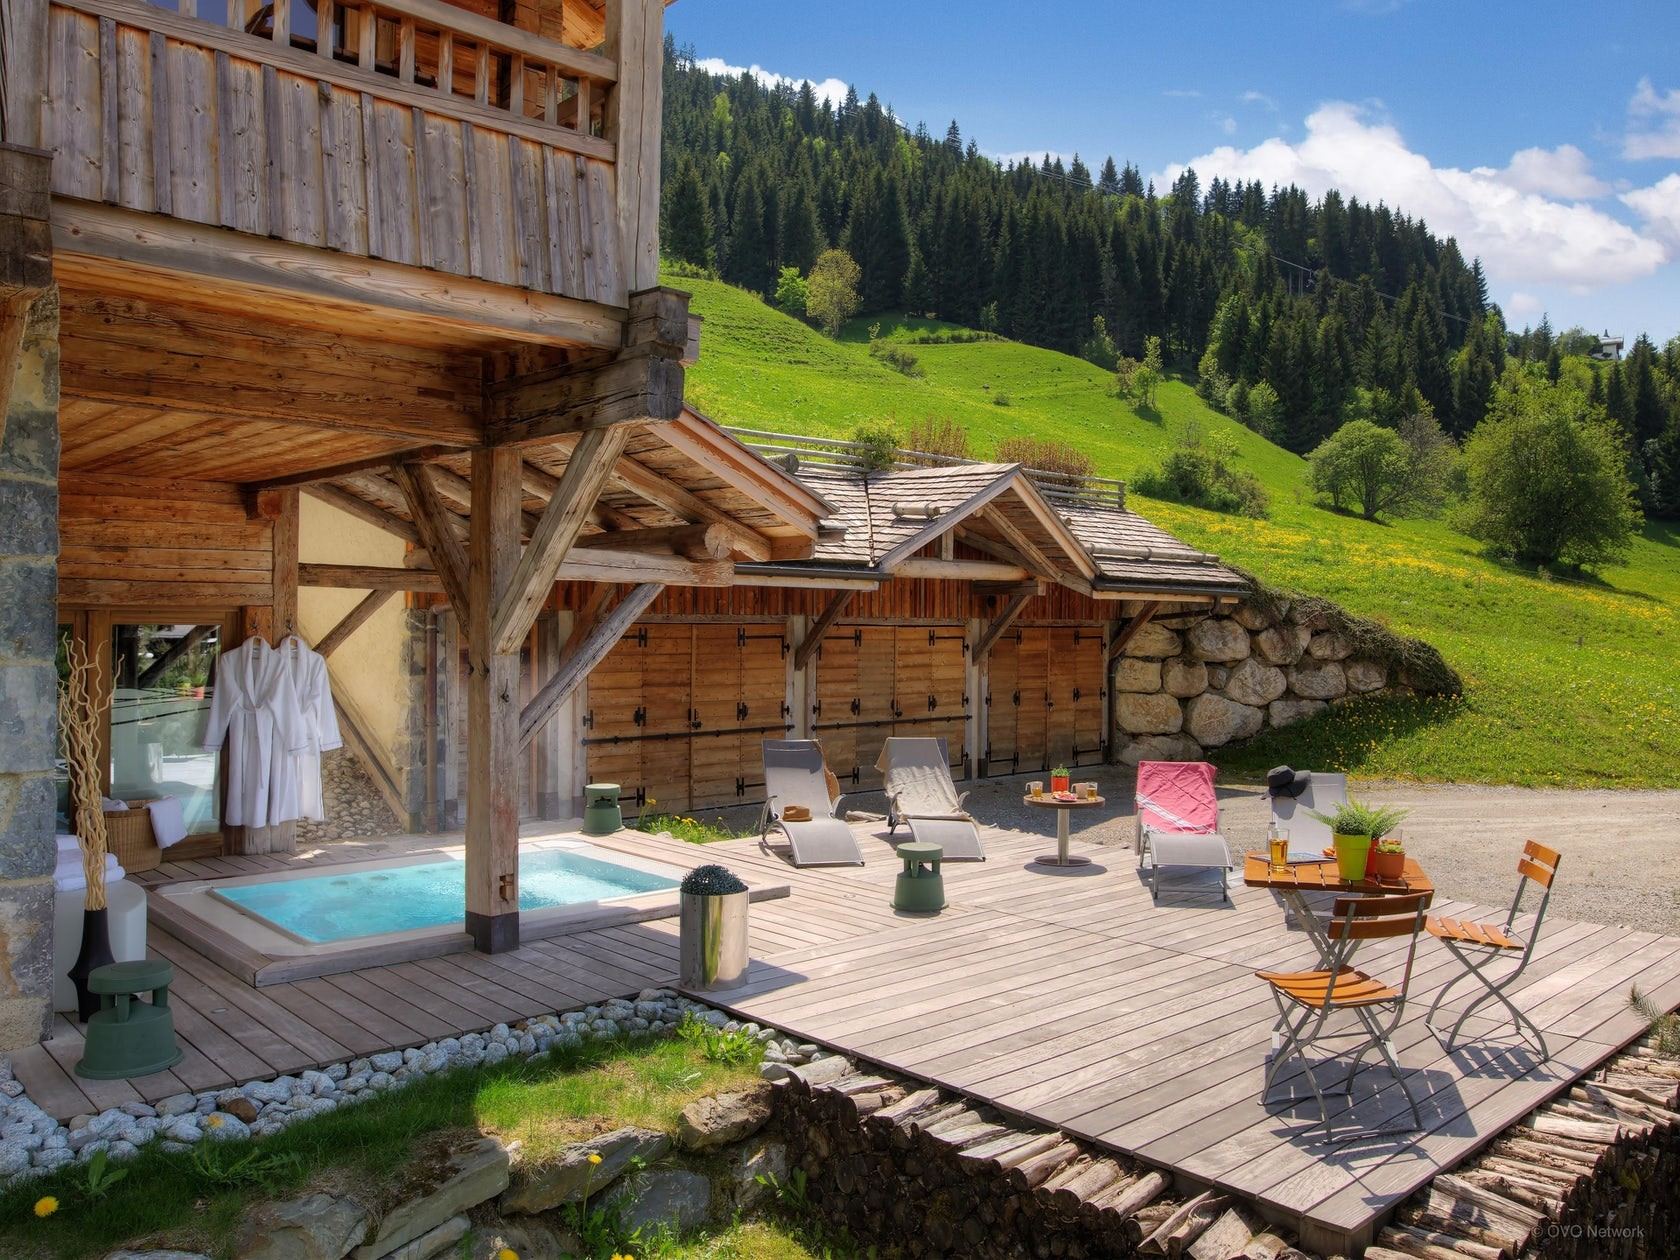 La Clusaz Location Chalet Luxe Lawsonite Jacuzzi Exterieur